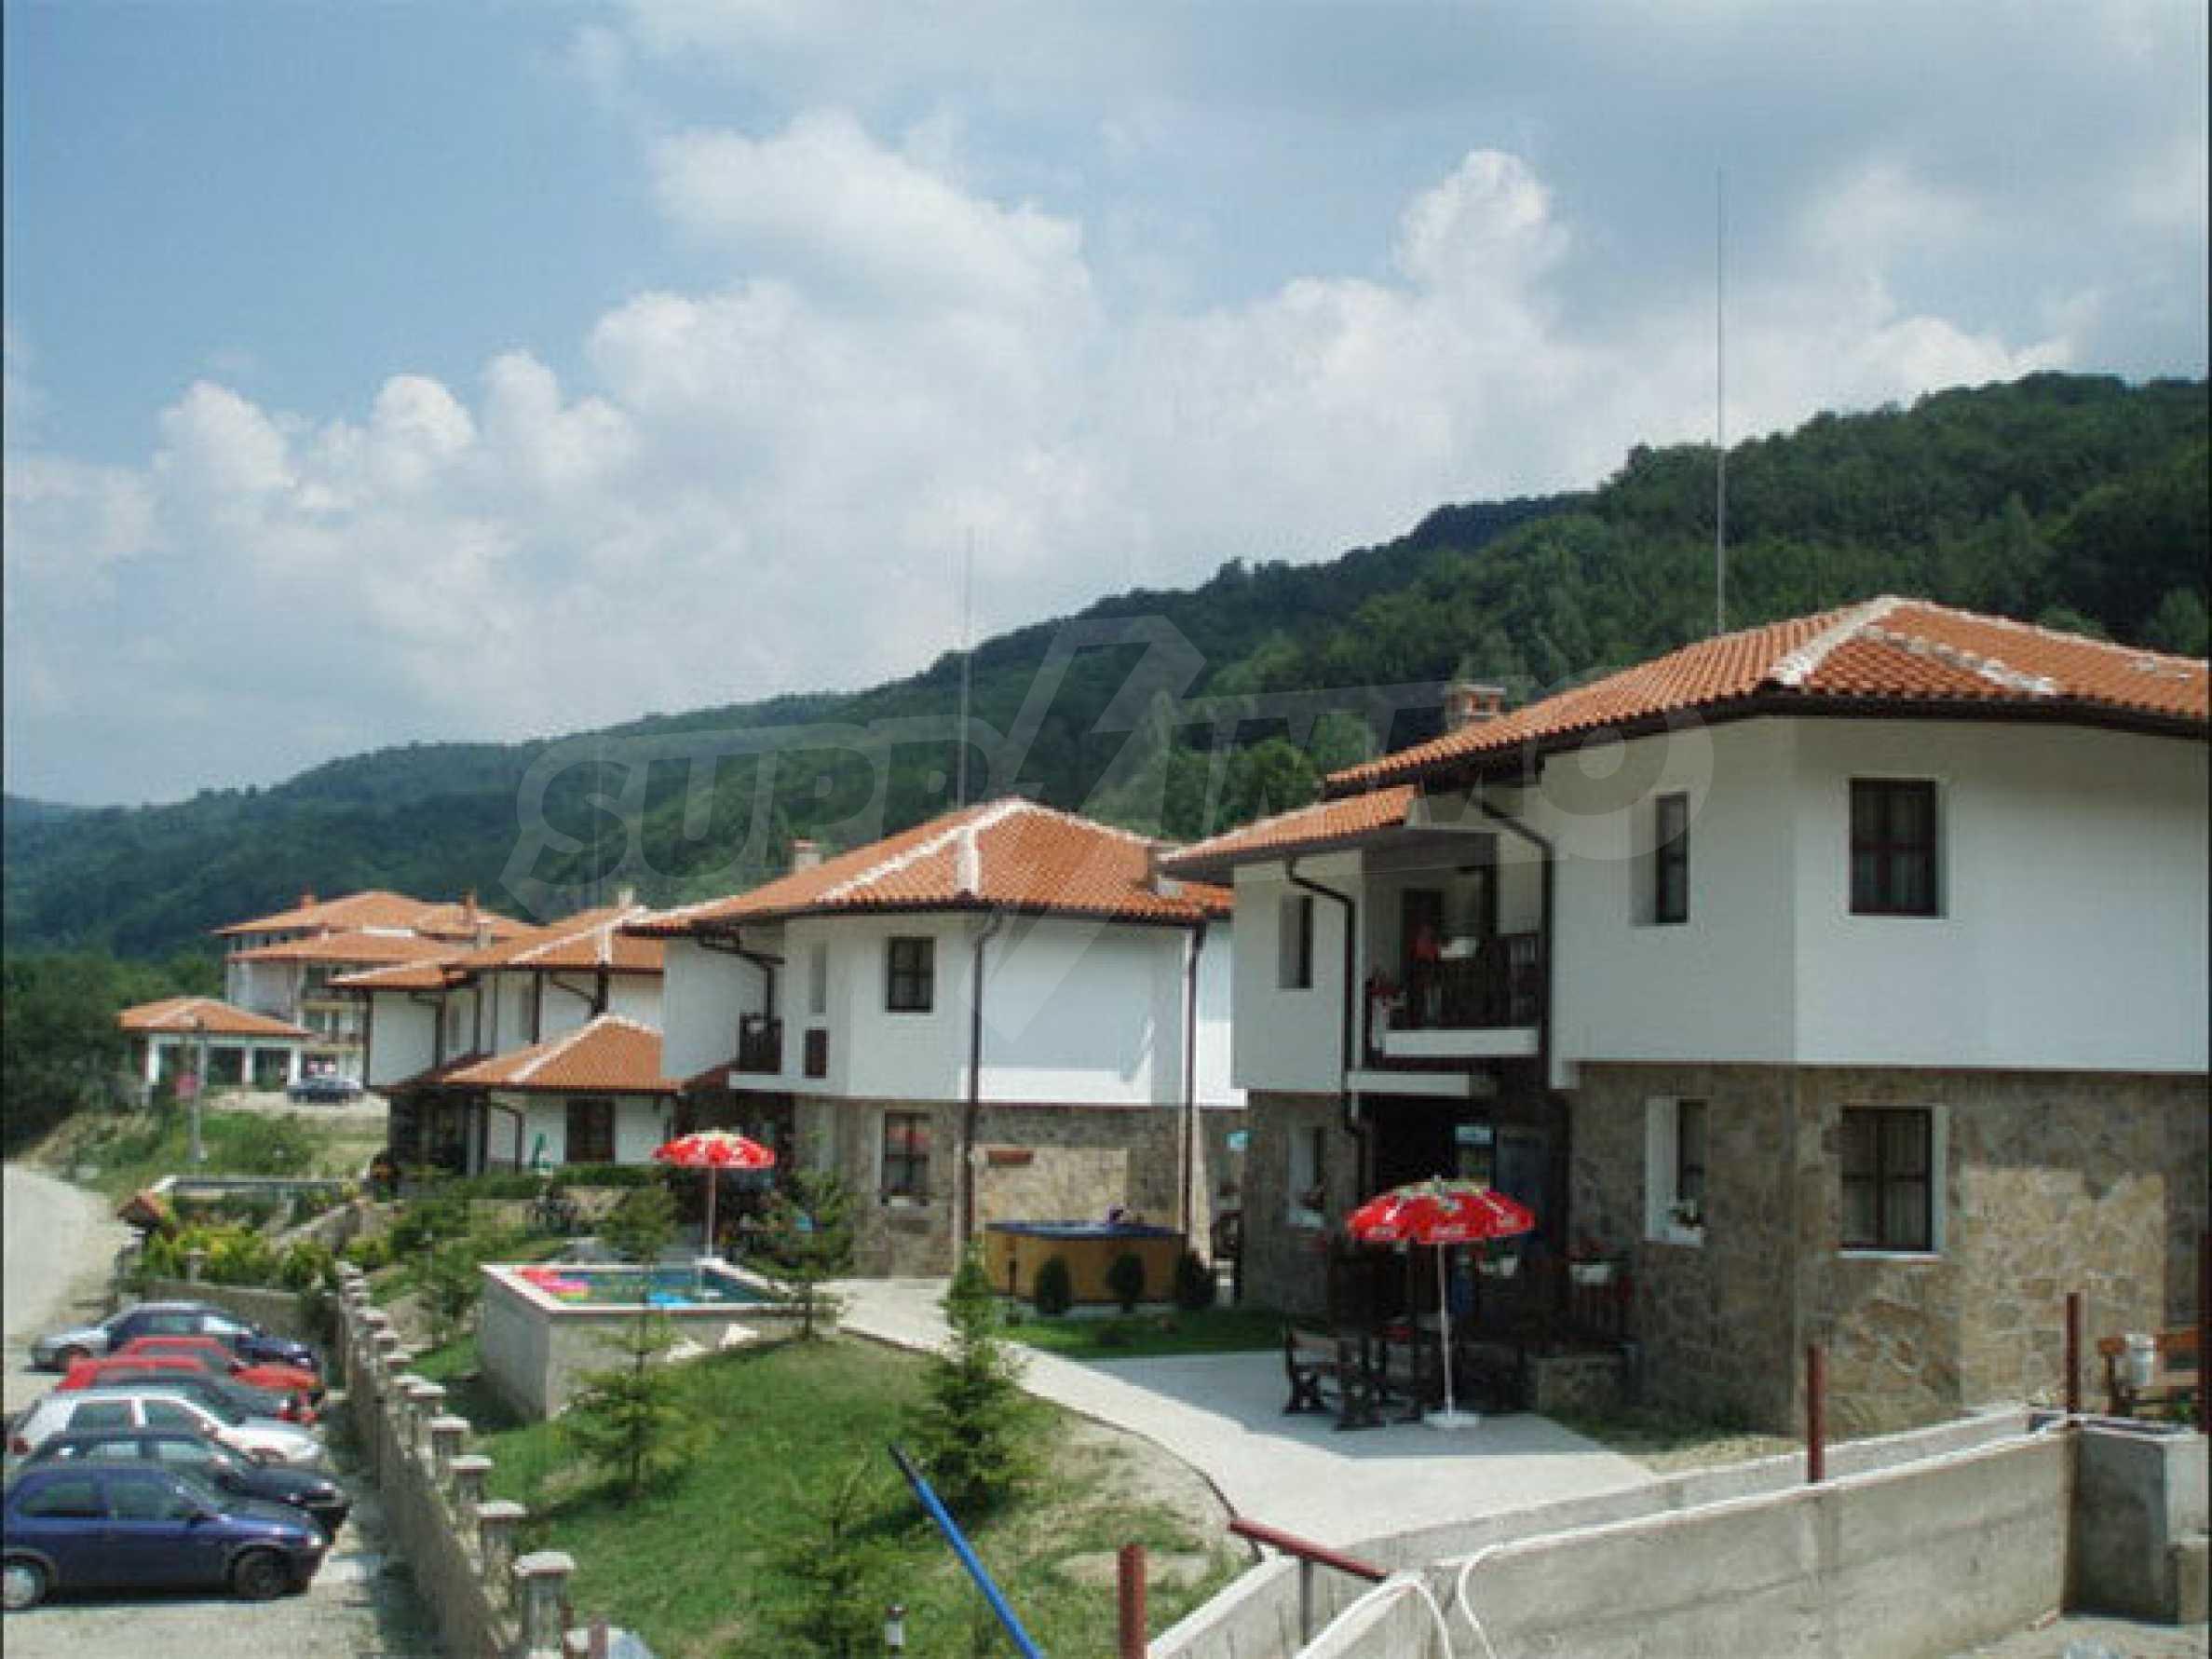 Два гостевых дома в престижном районе с горячими минеральными источниками вблизи  города Троян 17